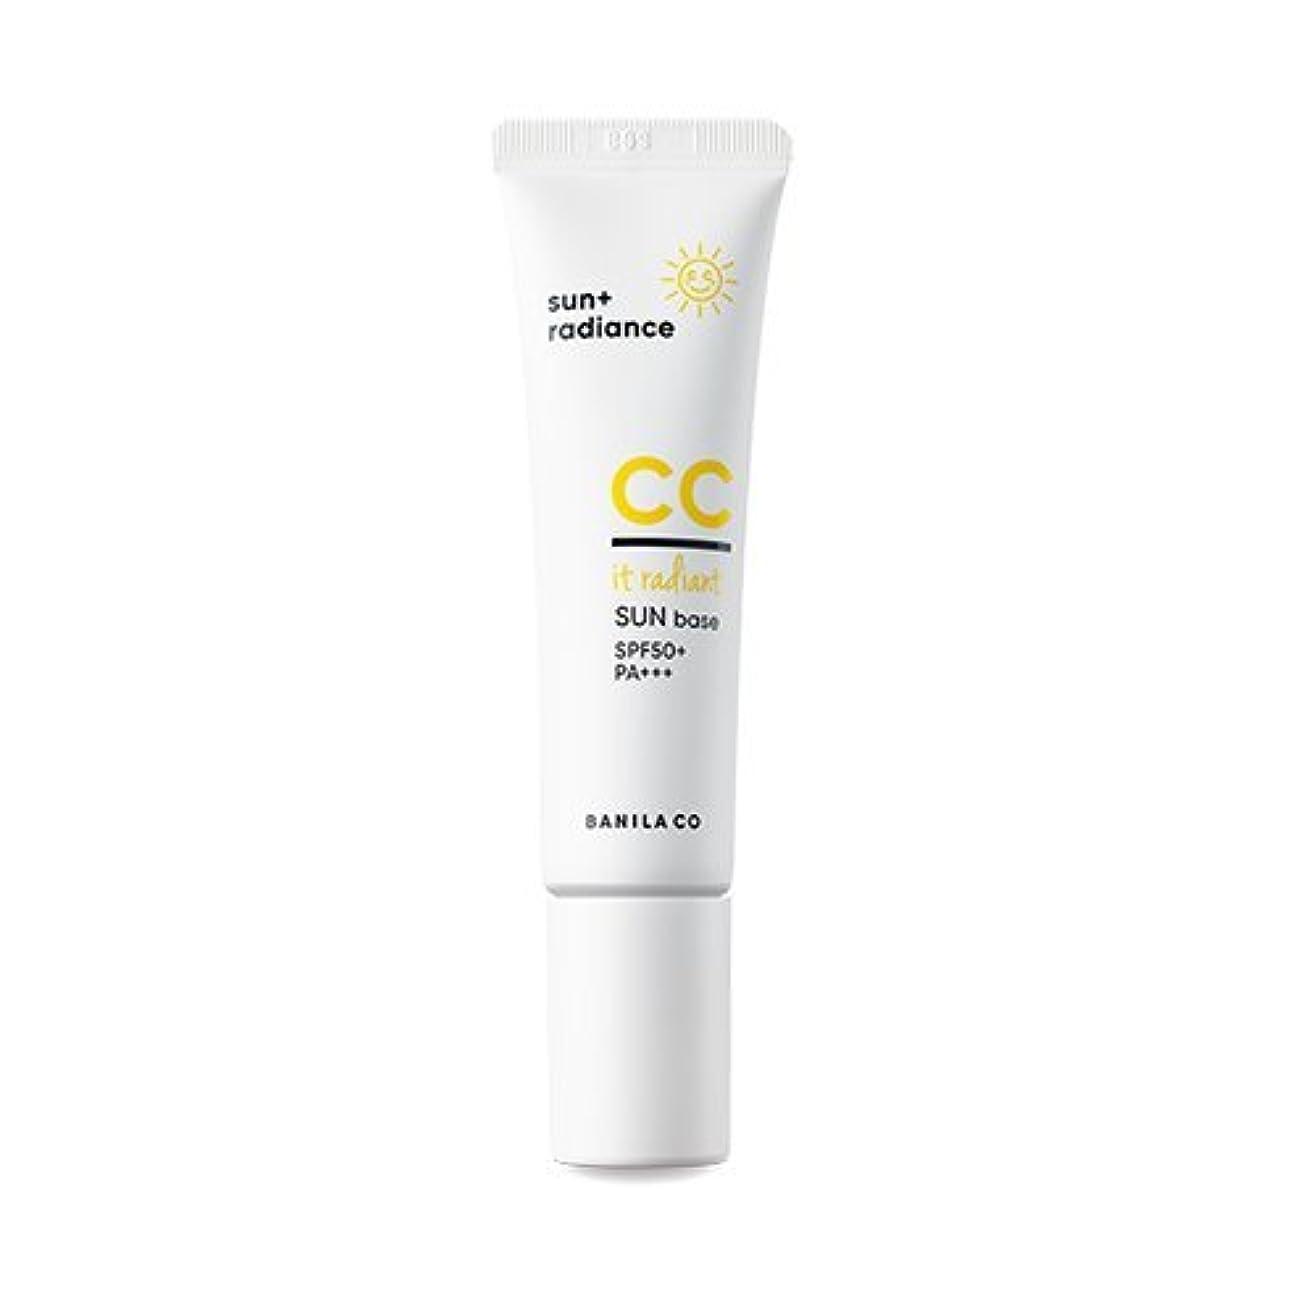 覆すクロール役職[Renewal] BANILA CO It Radiant CC Sun Base 30ml/バニラコ イット ラディアント CC サン ベース 30ml [並行輸入品]